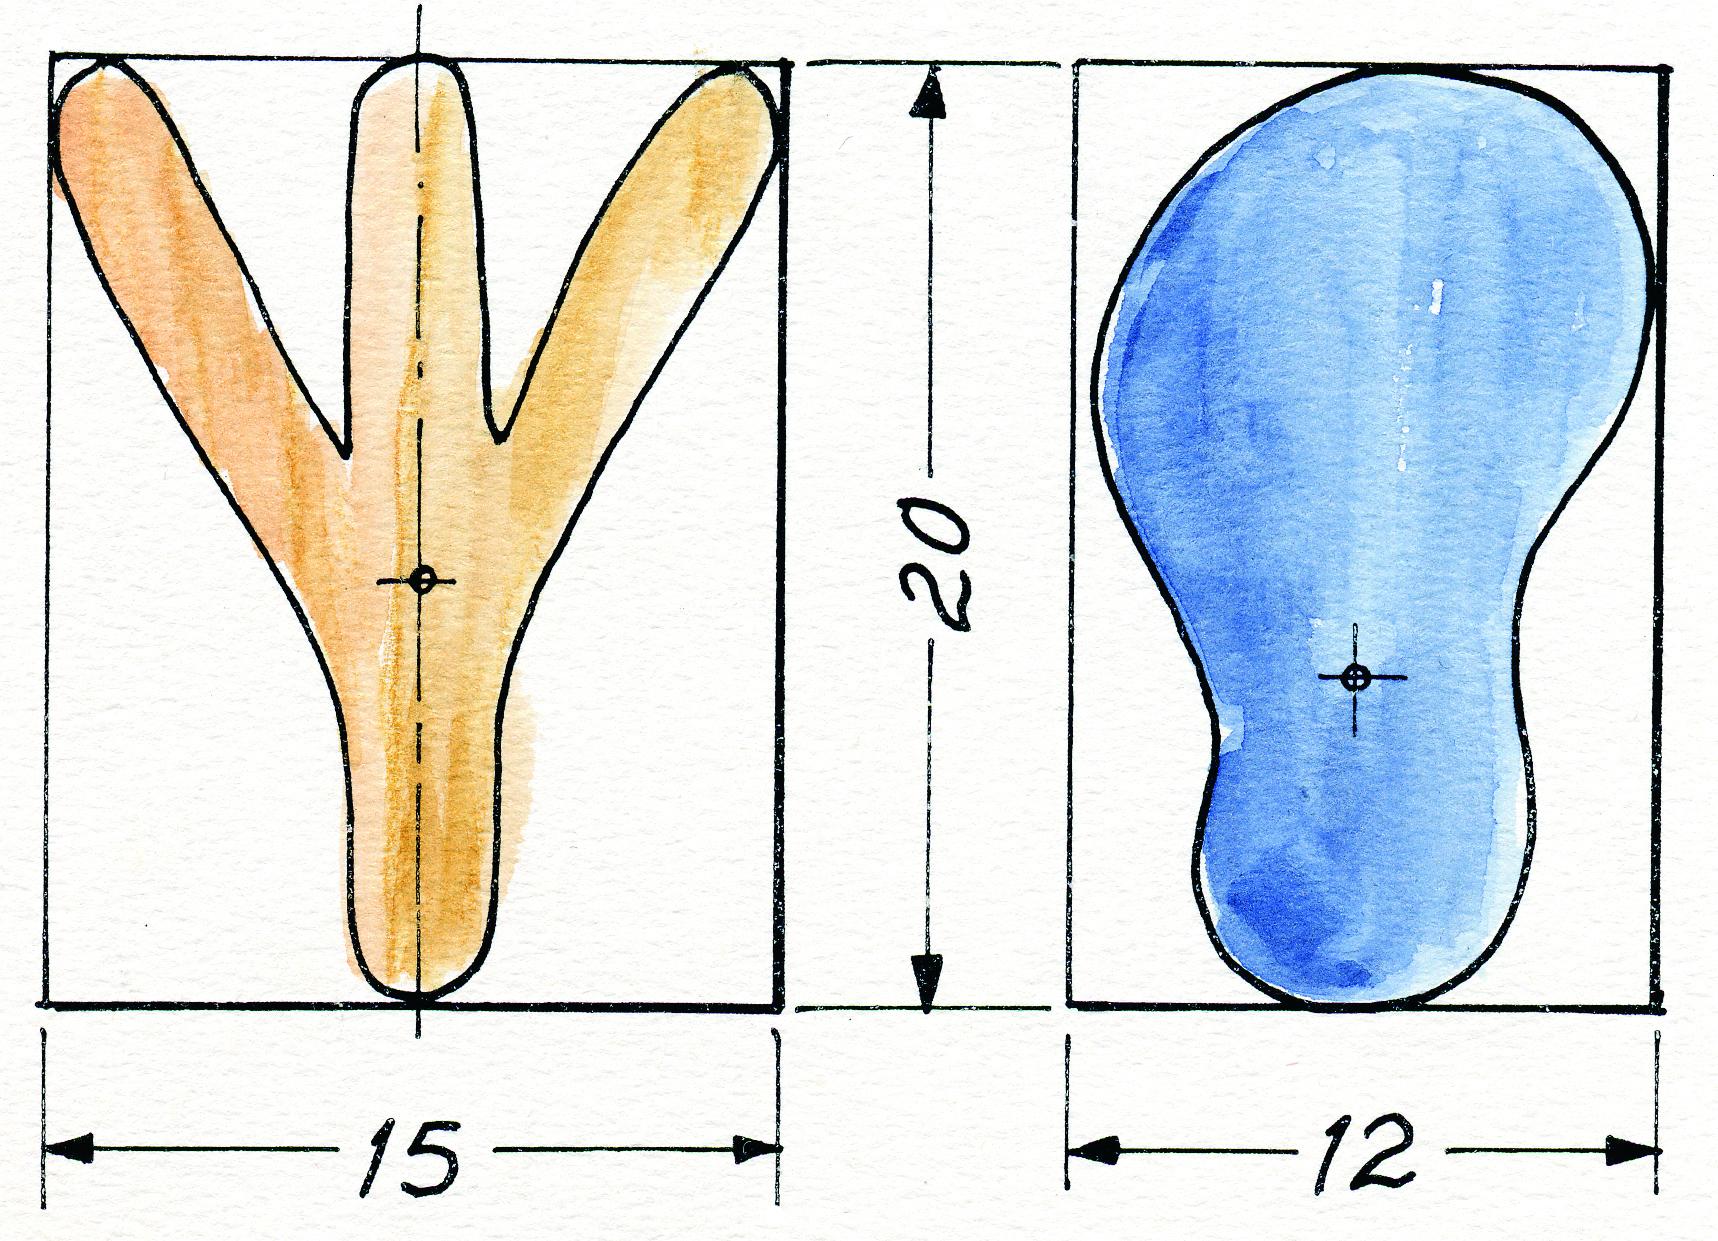 Jalkojen rakennepiirros